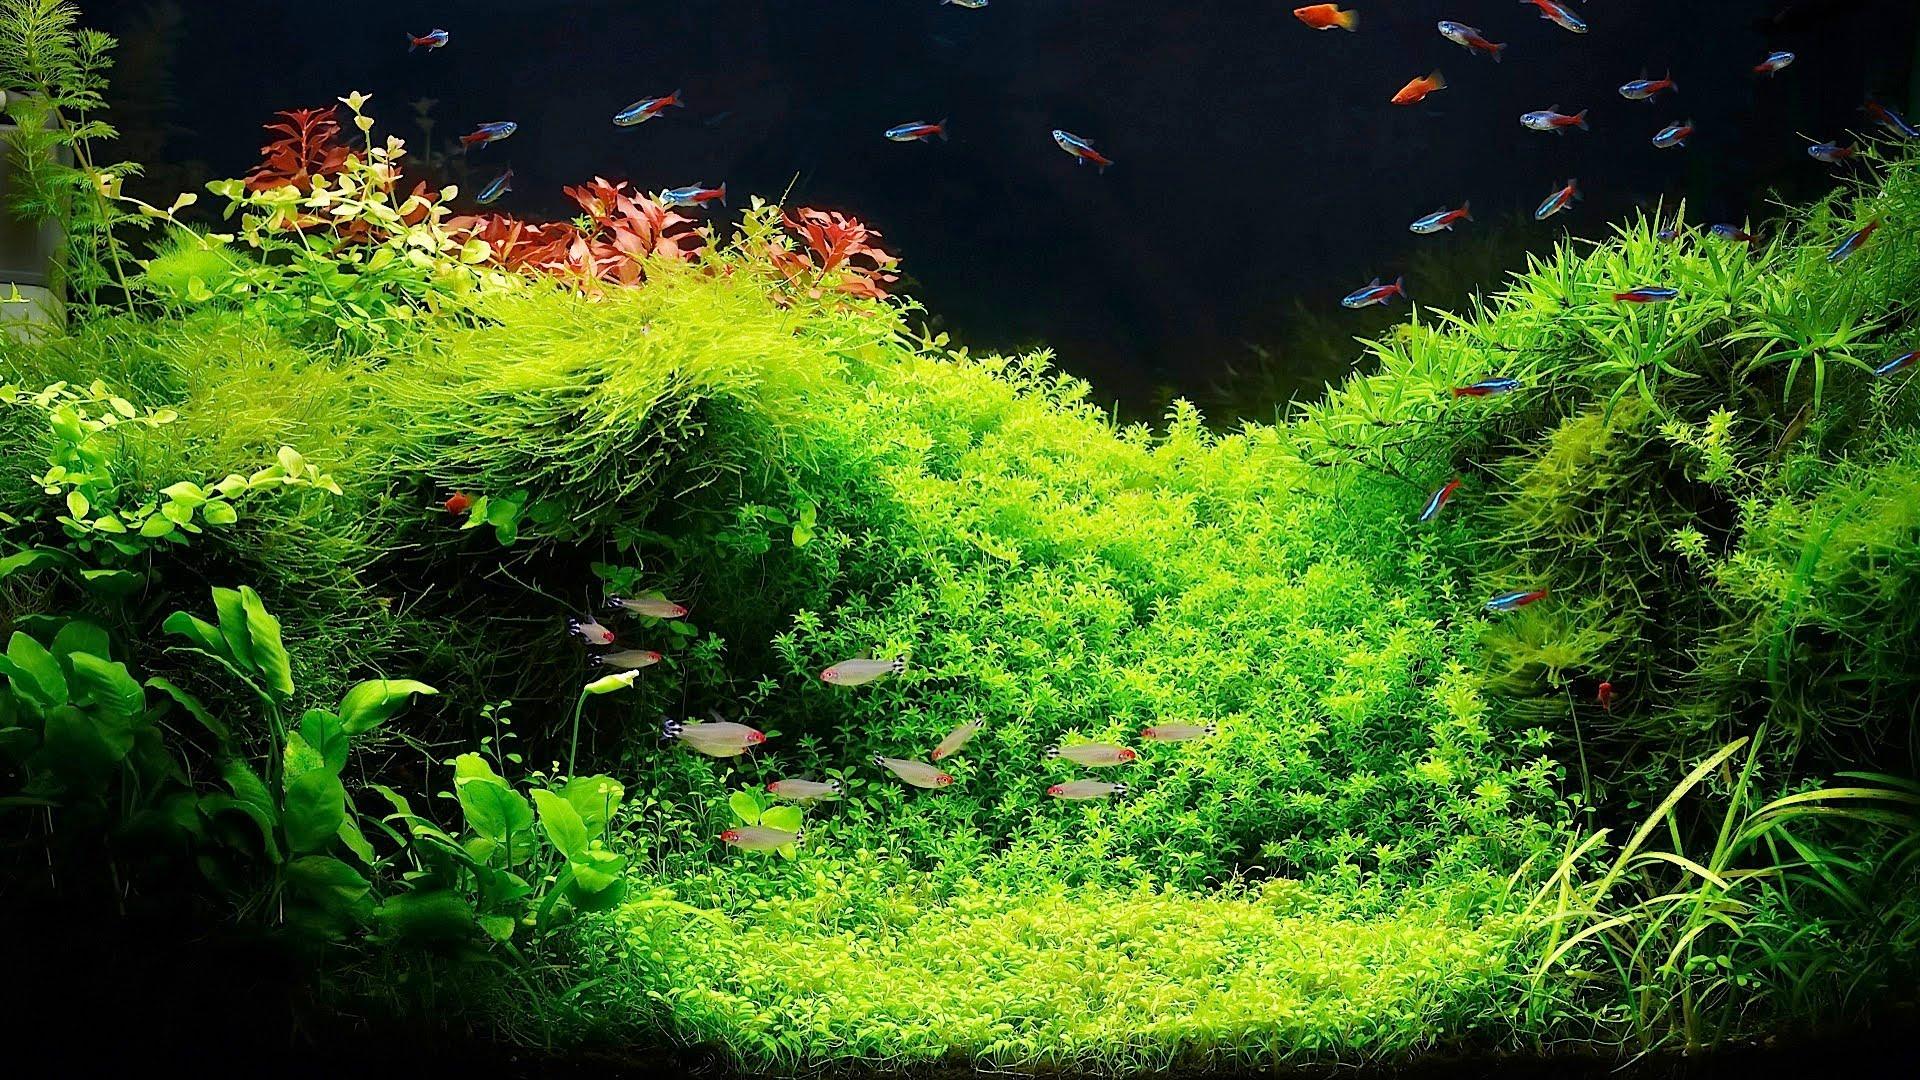 Setting Up a Fish Tank with Live Plants Aquarium Care Qtiny.com